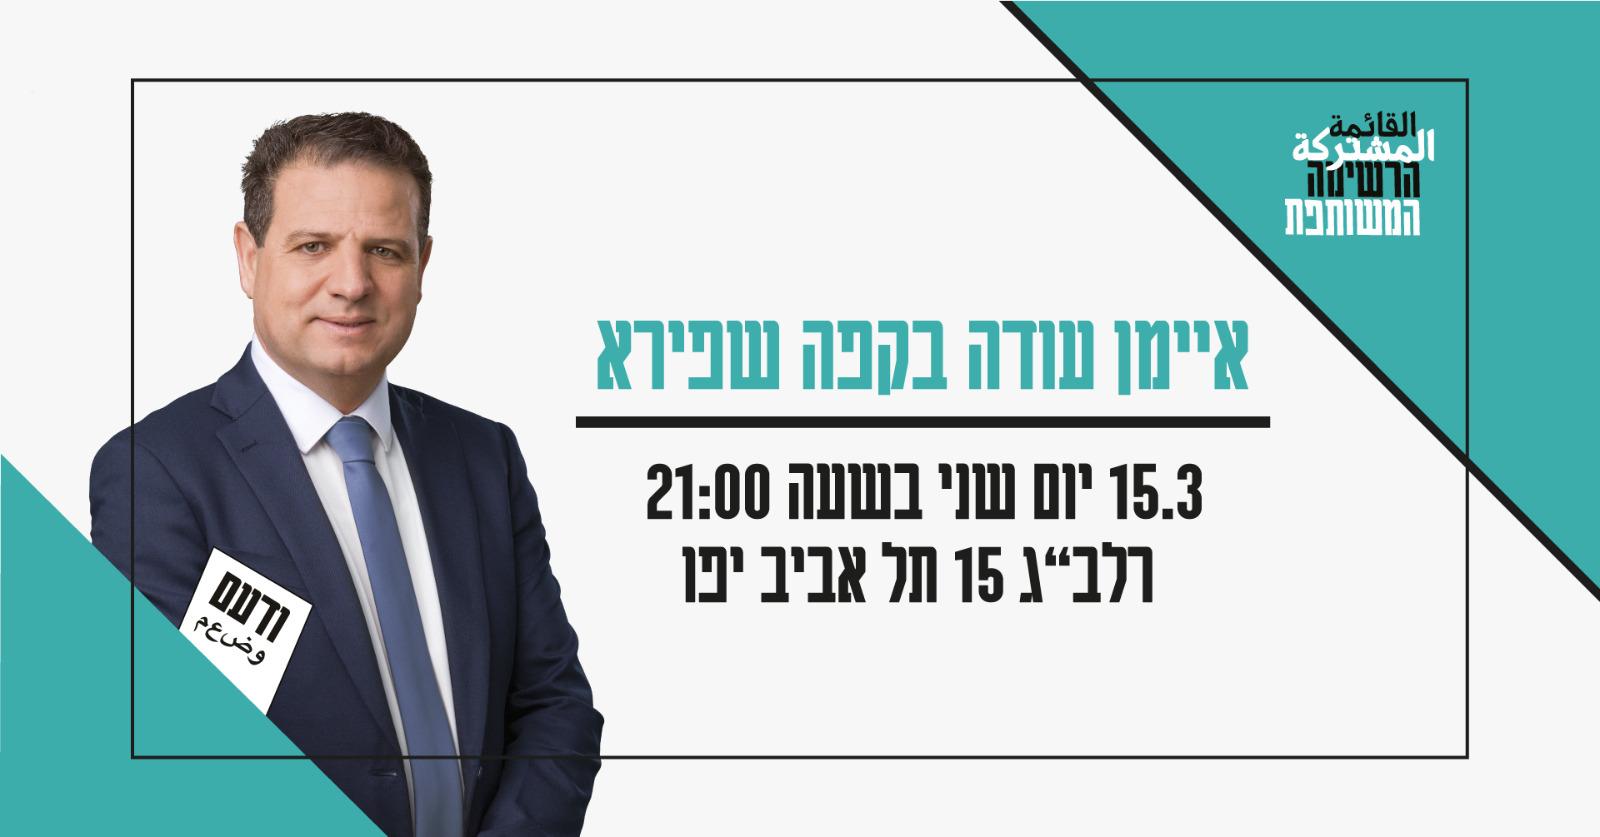 """ביום ב': מפגש בתל-אביב עם יו""""ר הרשימה המשותפת ח""""כ איימן עודה"""